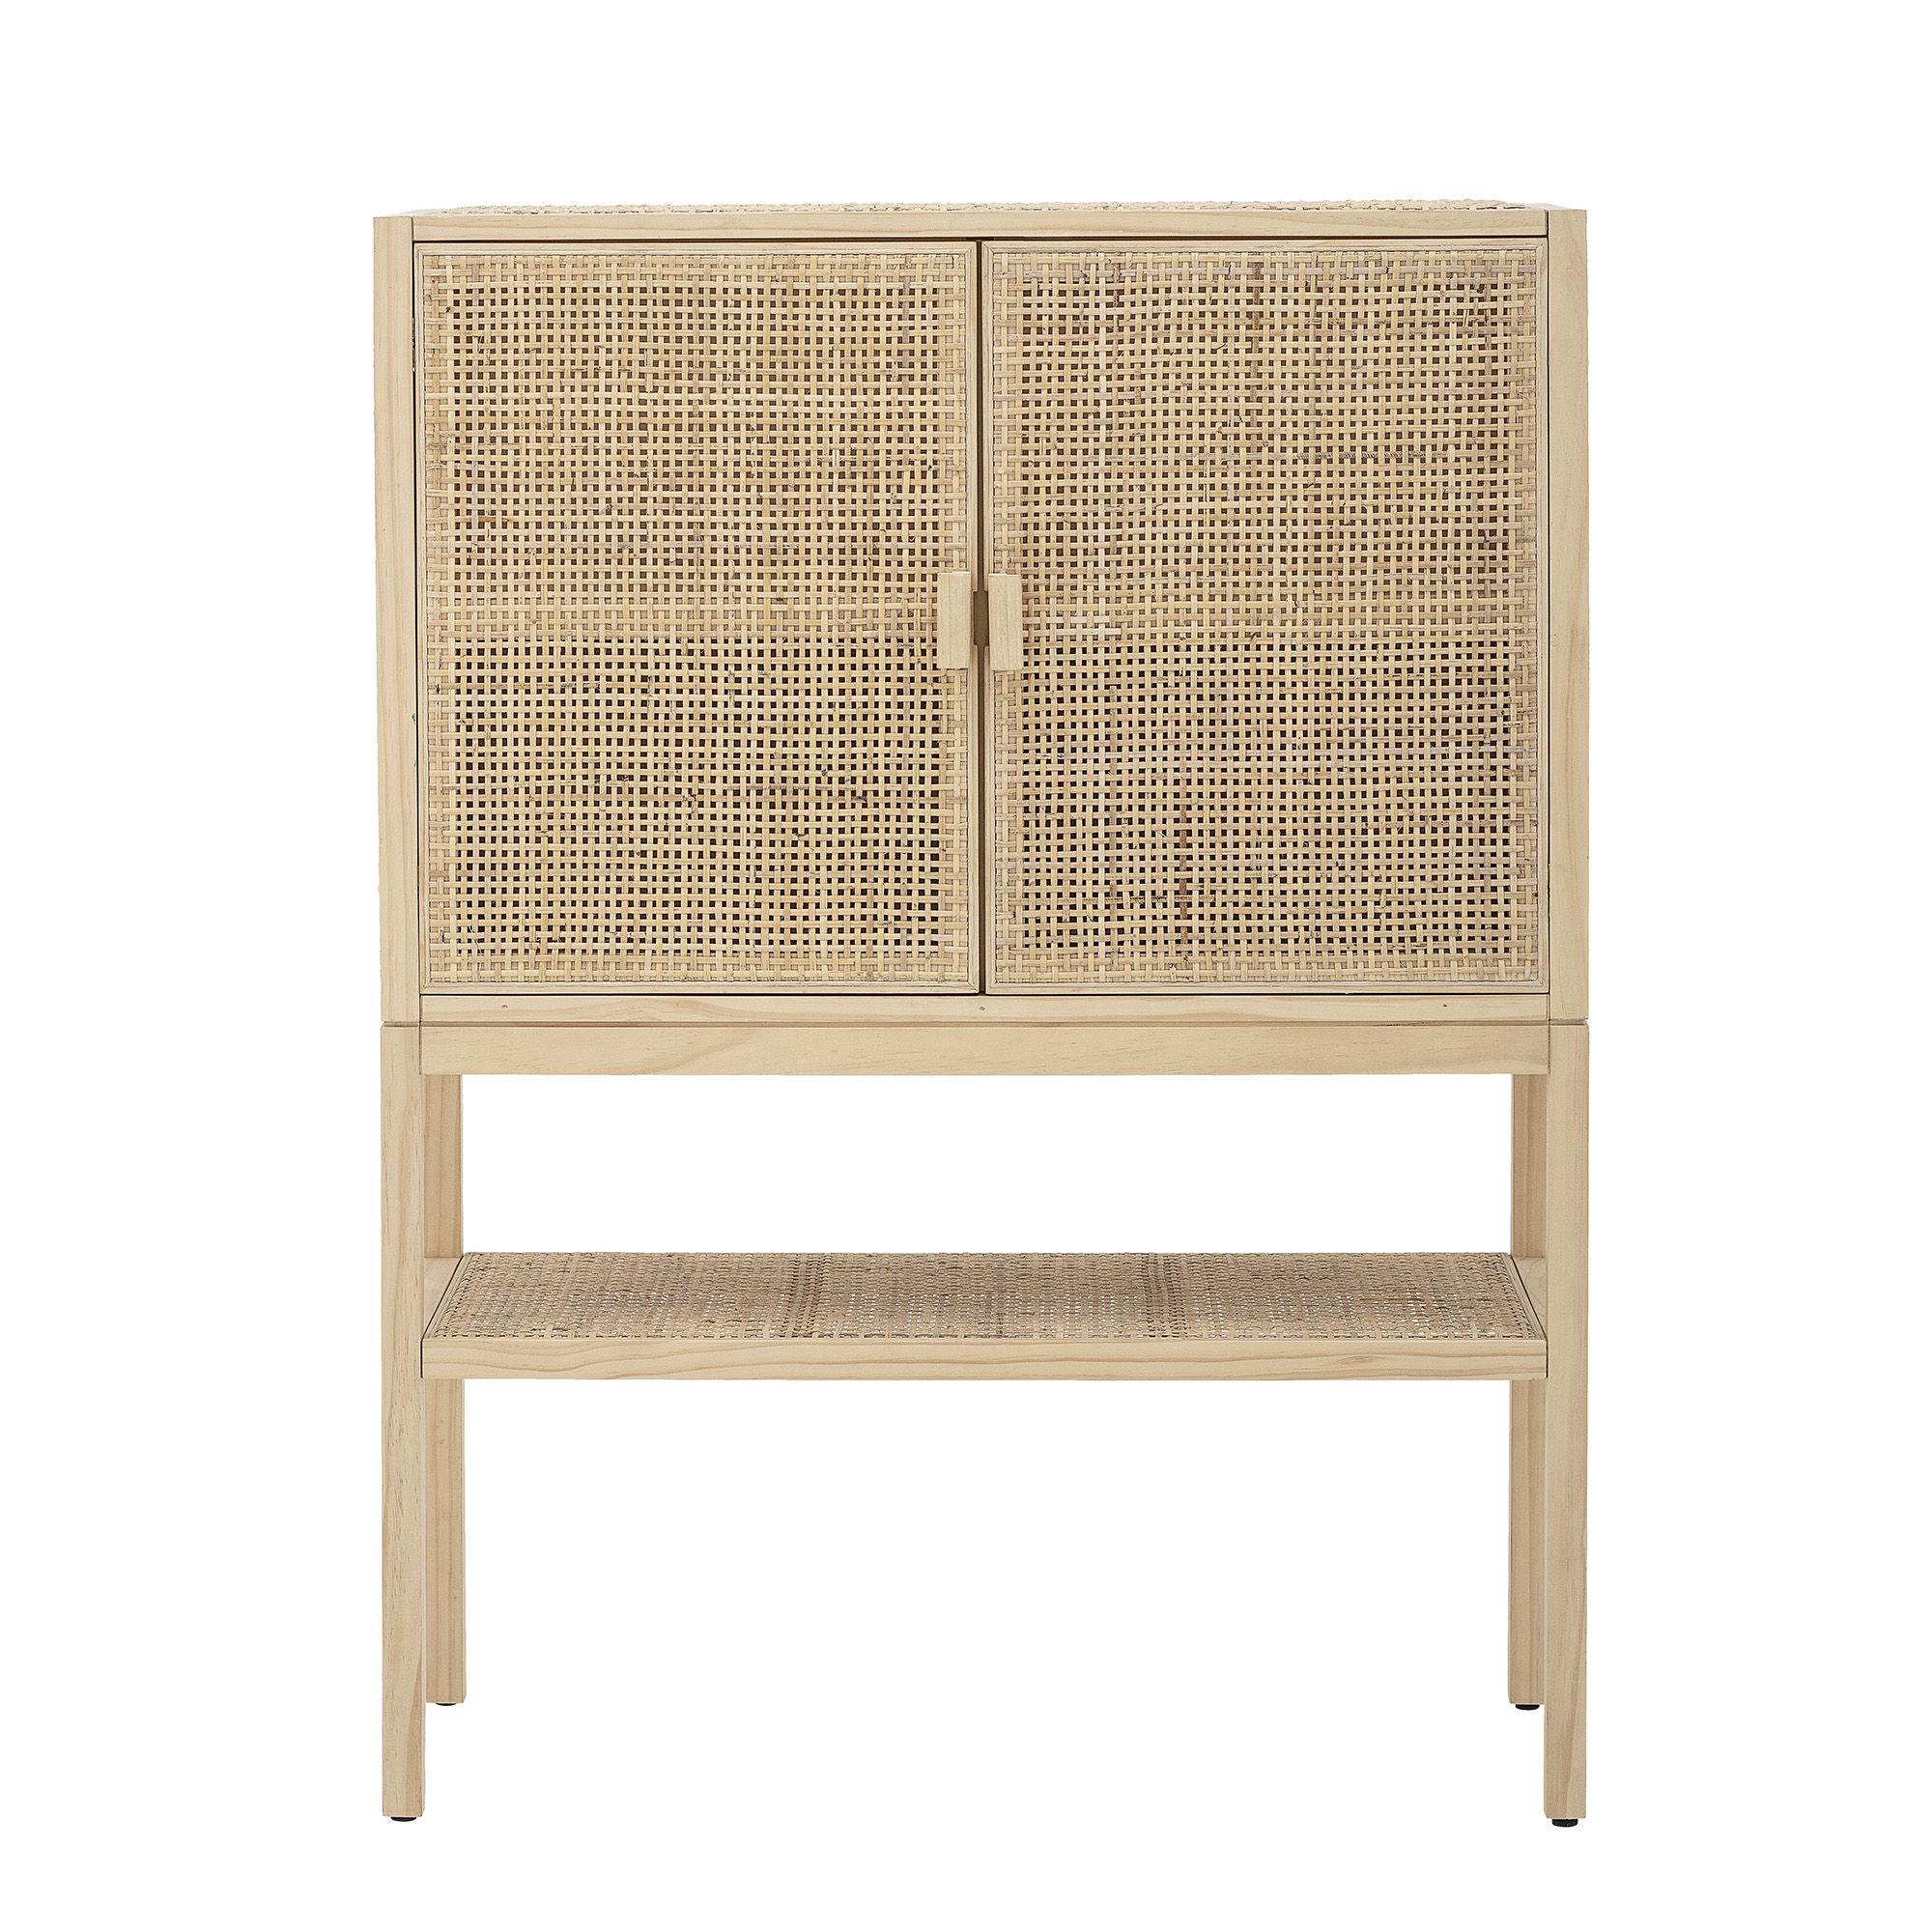 Möbel - Regale und Bücherregale - Sanna Highboard / L 90 x H 120 cm - Cannage rotin - Bloomingville - Naturel - Holzfaserplatte, Kiefernfurnier, Rattan